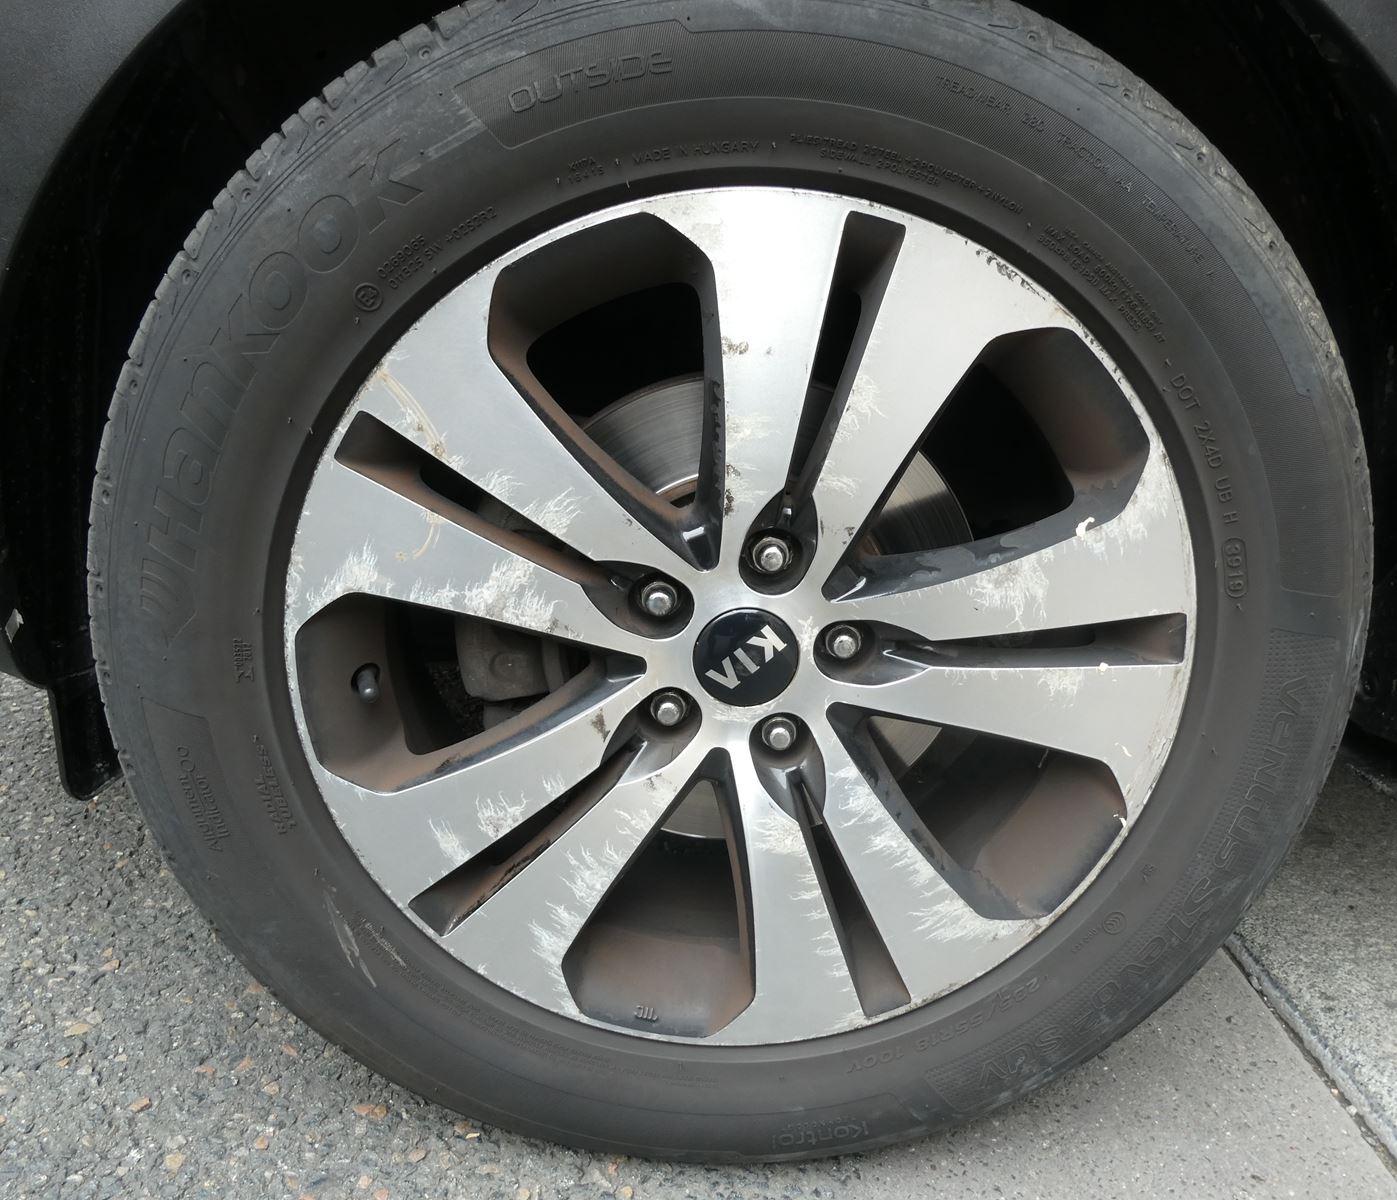 Kia Sportage 2.0 AWD Automatic 163 ch 25